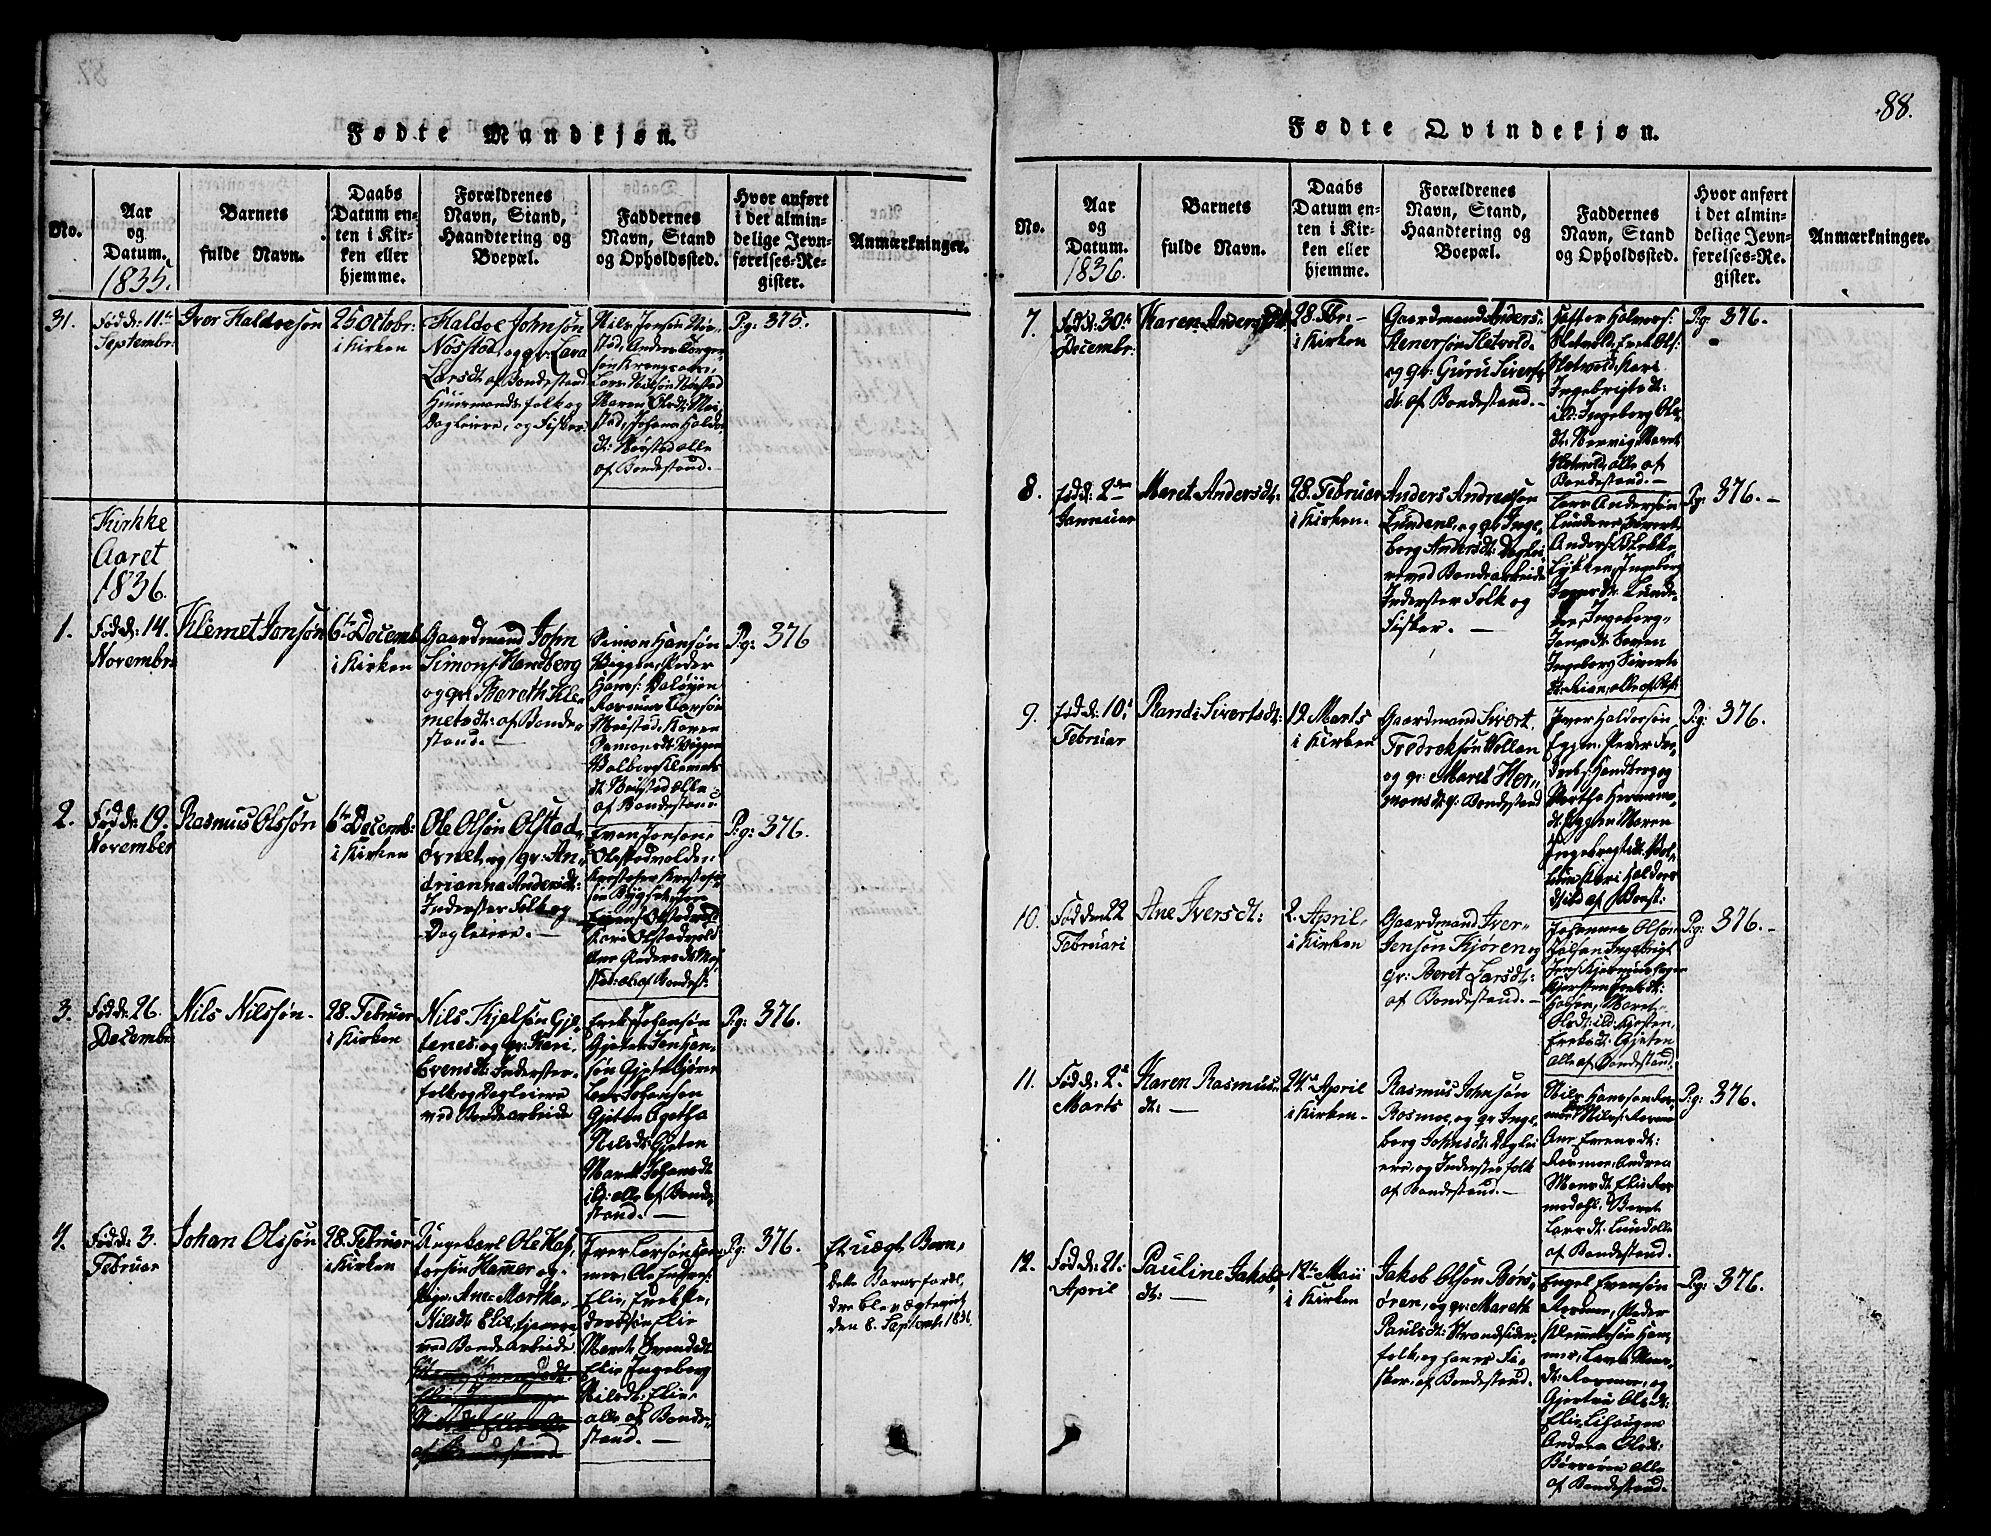 SAT, Ministerialprotokoller, klokkerbøker og fødselsregistre - Sør-Trøndelag, 665/L0776: Klokkerbok nr. 665C01, 1817-1837, s. 88